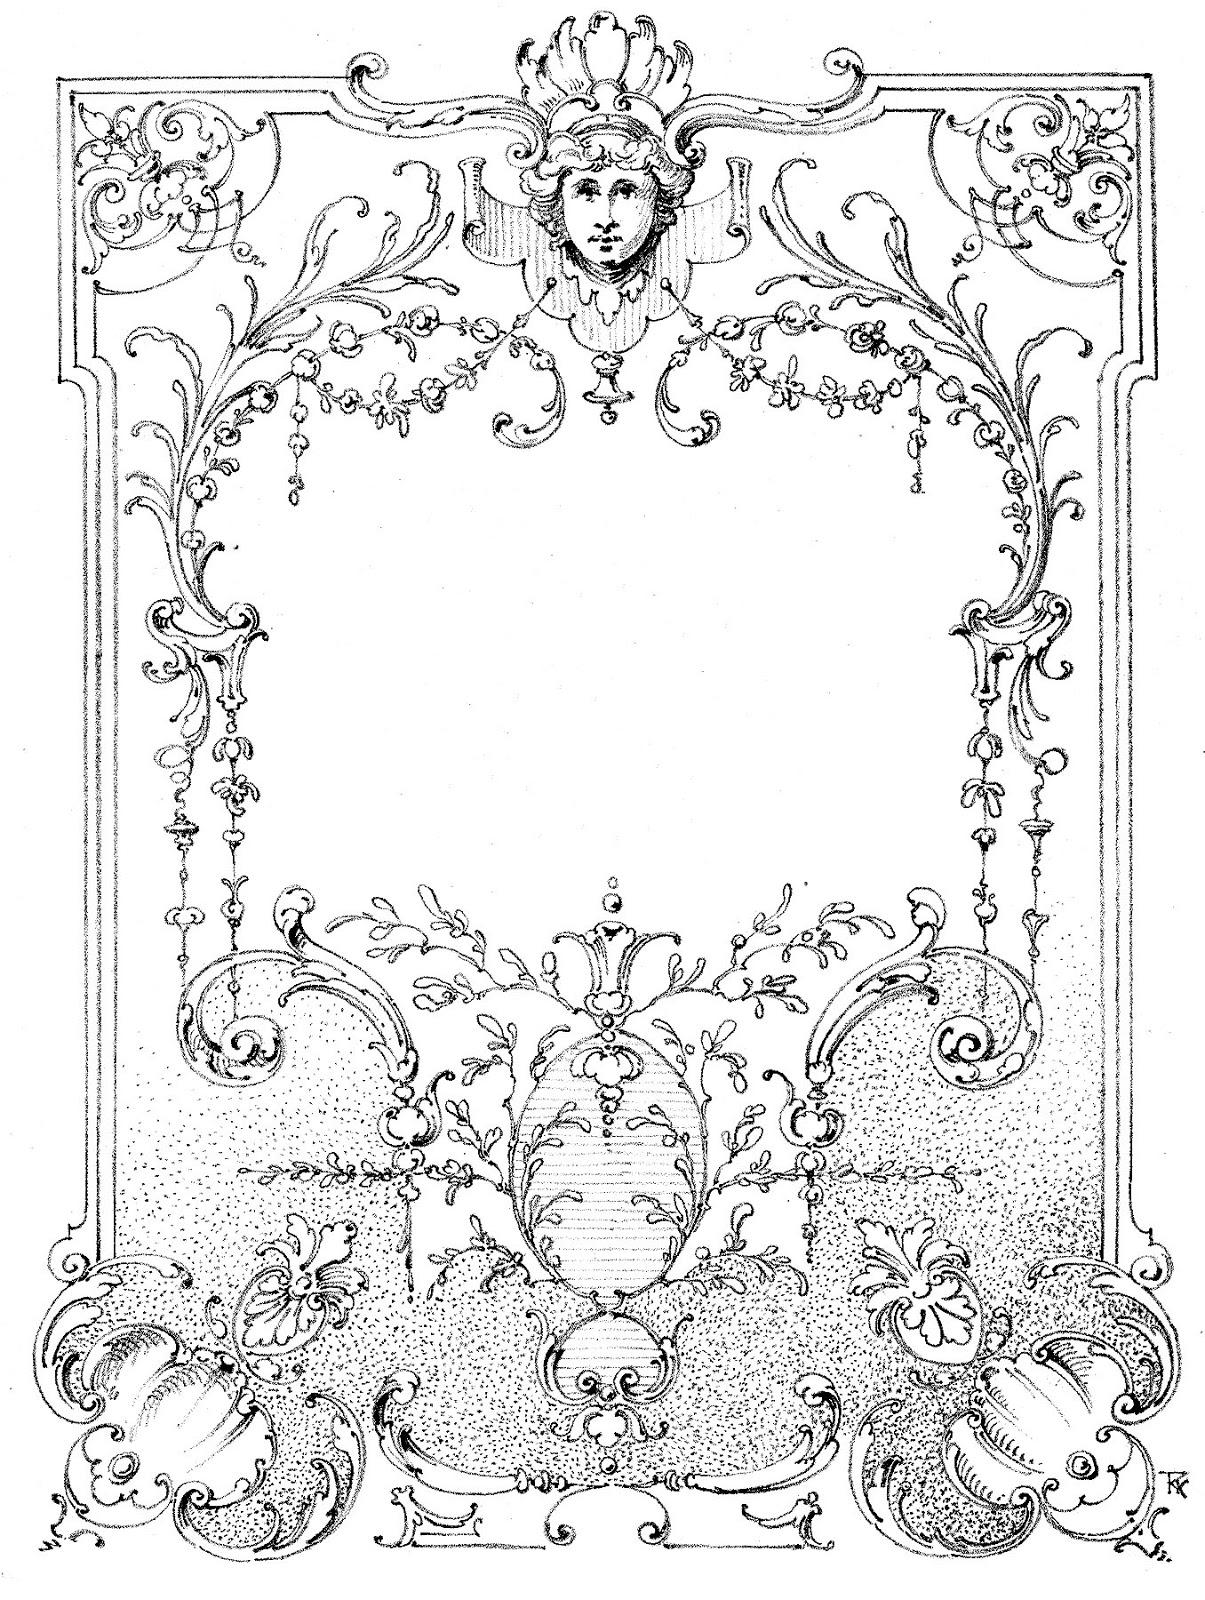 Vintage Illustrations - Gorgeous Ornate Label - Frame ...